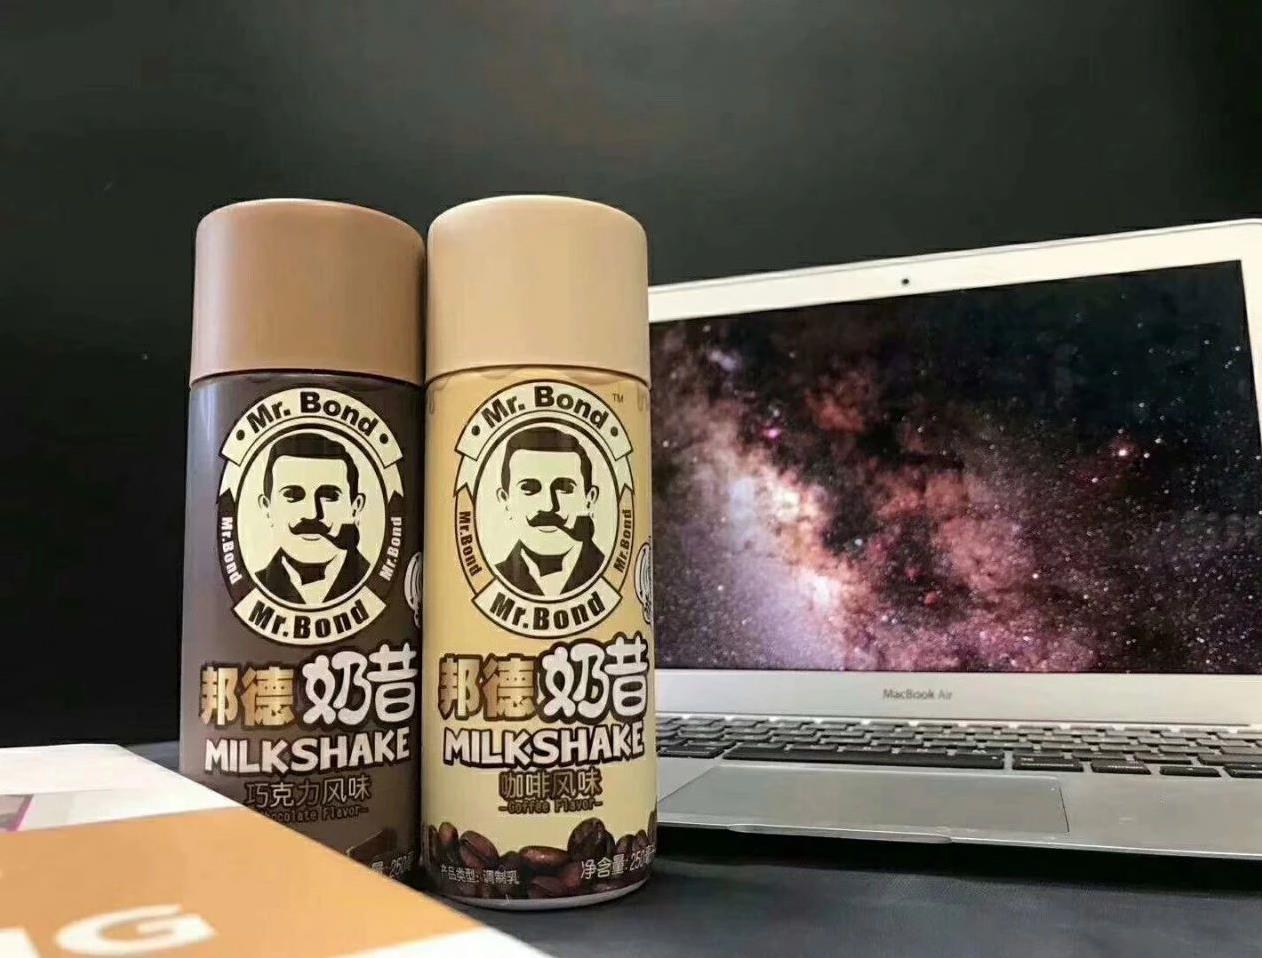 上市不足两月 旺旺邦德奶昔新品热销超咖啡